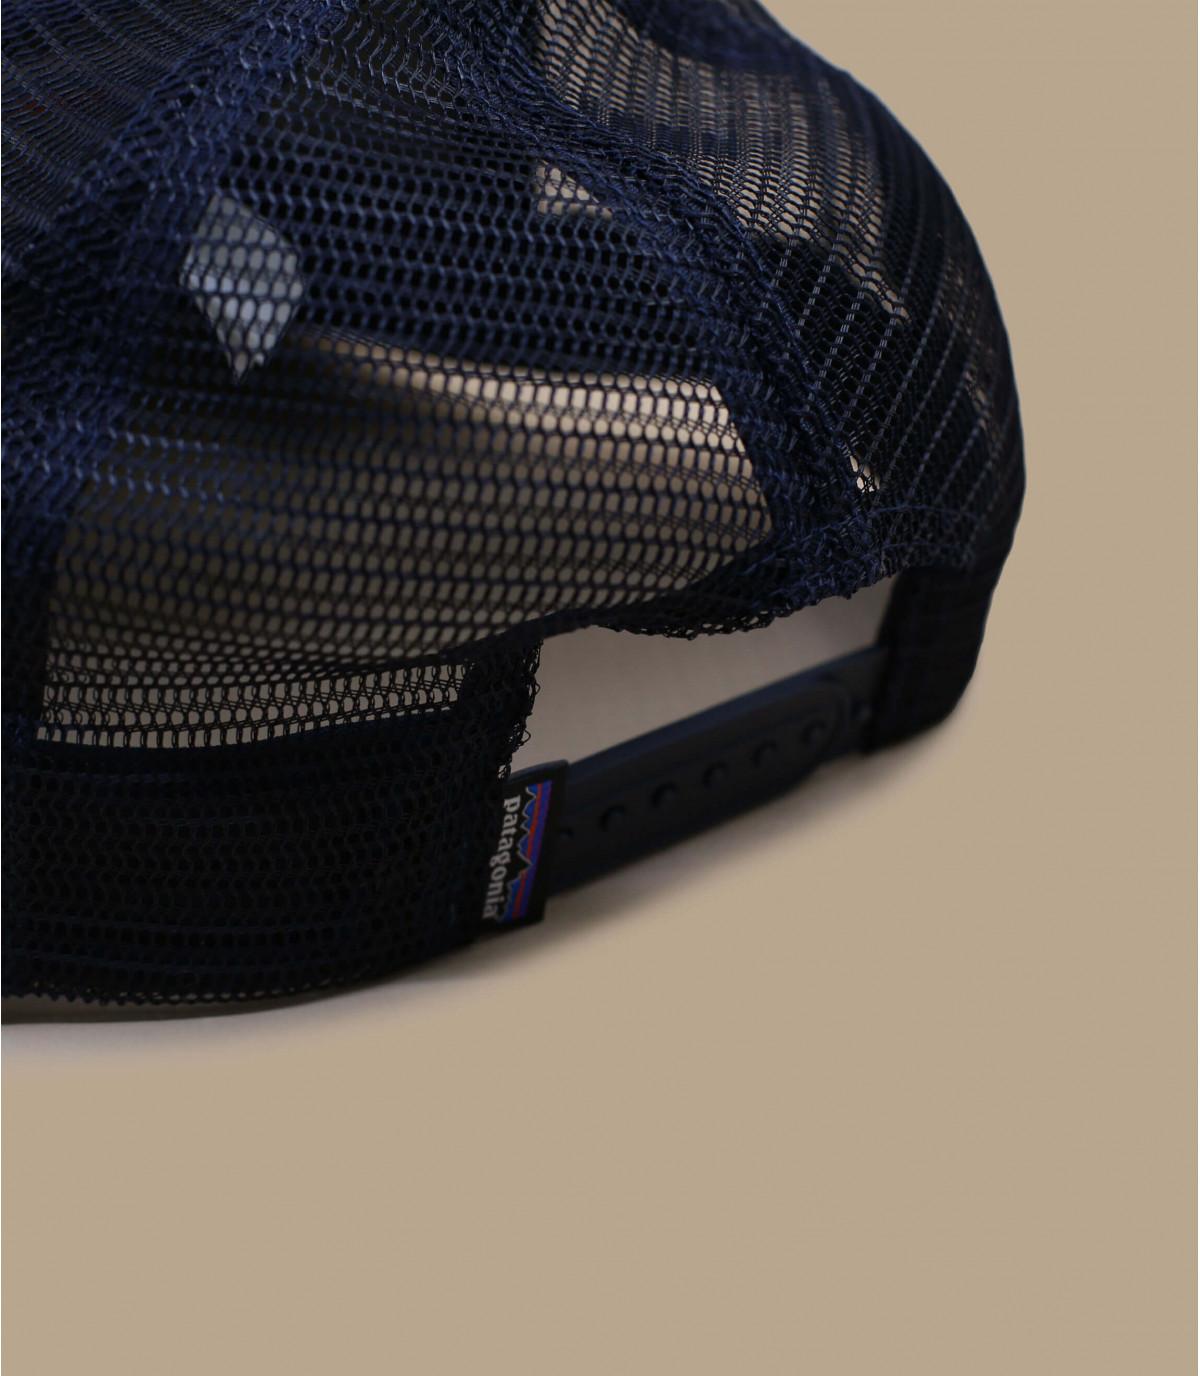 Détails P6 logo trucker hat navy blue - image 3